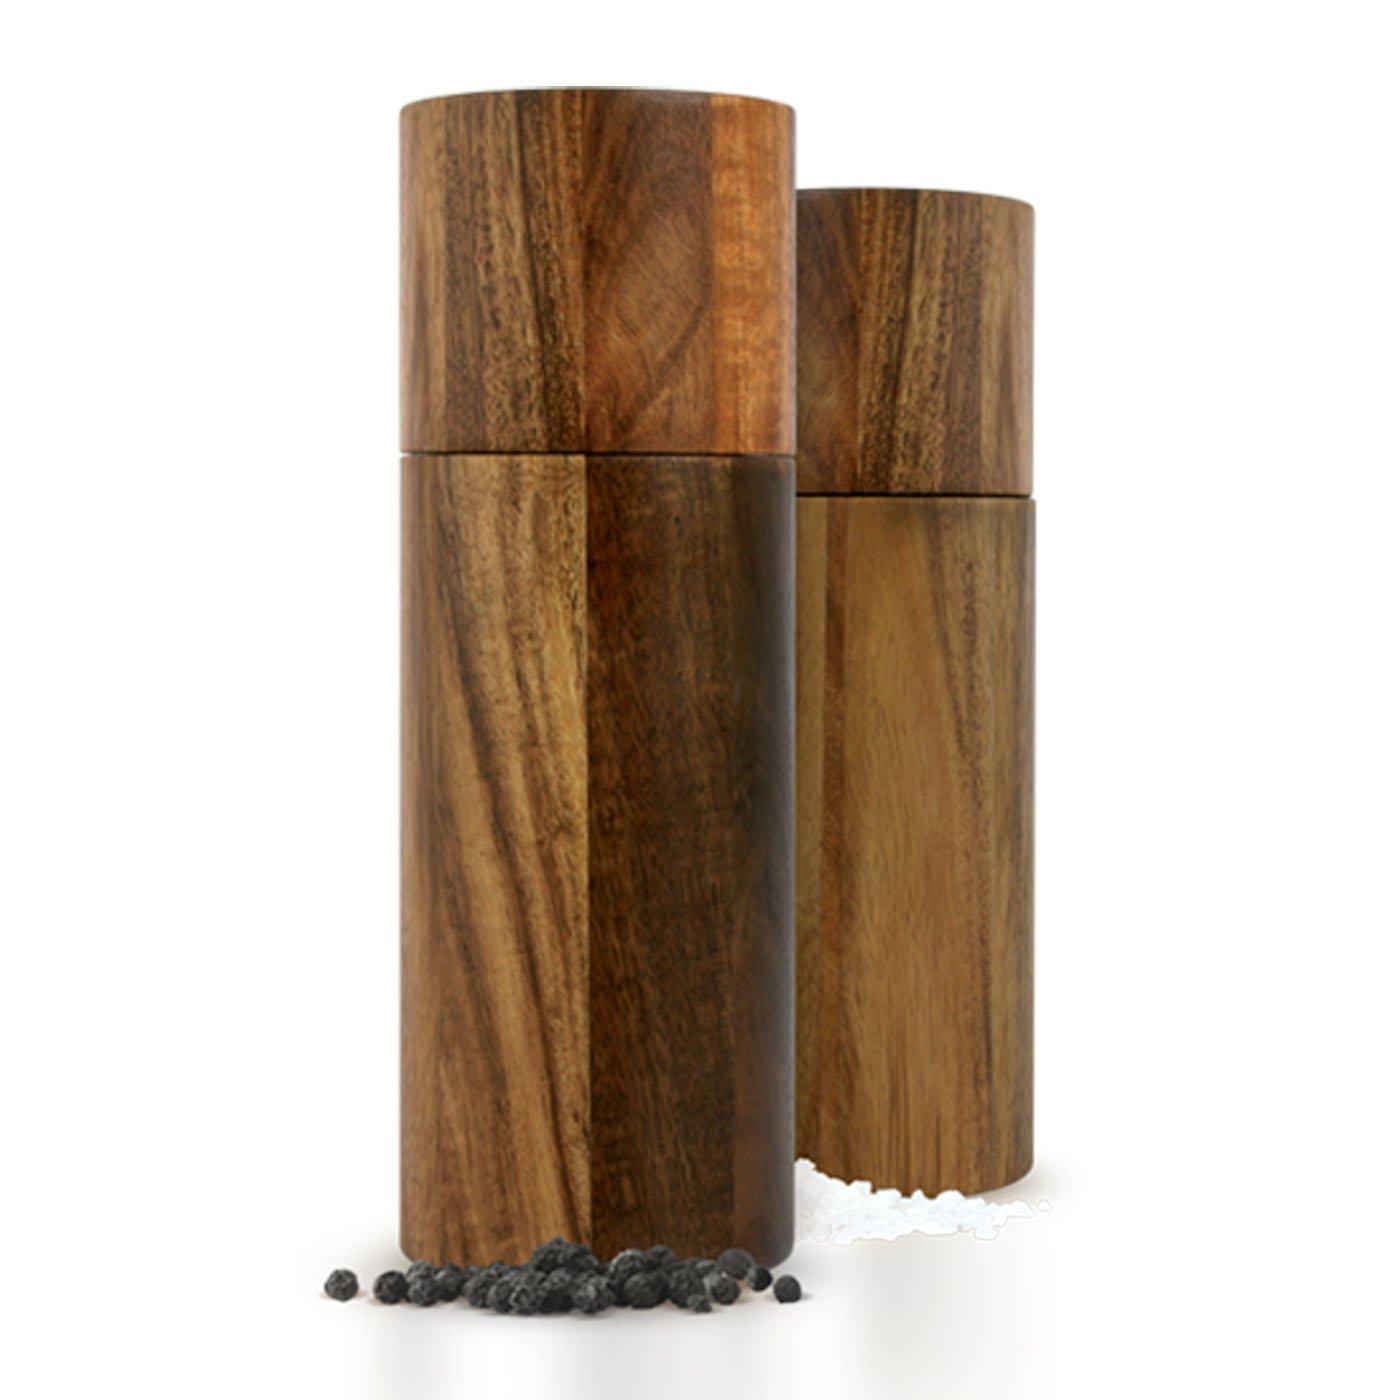 adhoc pfeffer oder salzm hle acacia gew rz kr uter gew rzm. Black Bedroom Furniture Sets. Home Design Ideas